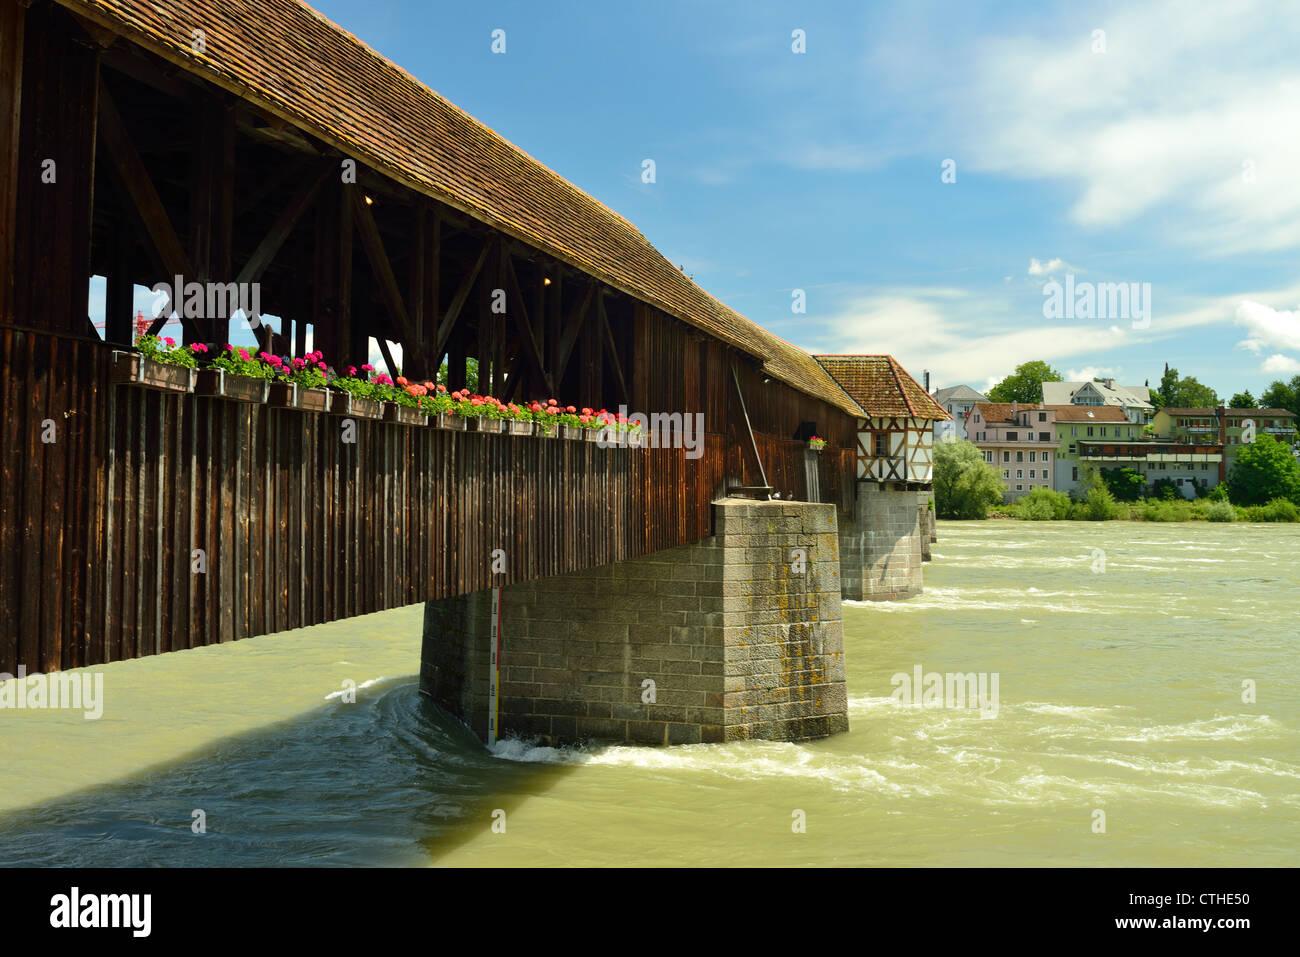 Hito de Bad Säckingen.Oold puente de madera. Puente cubierto más grande de Europa Imagen De Stock